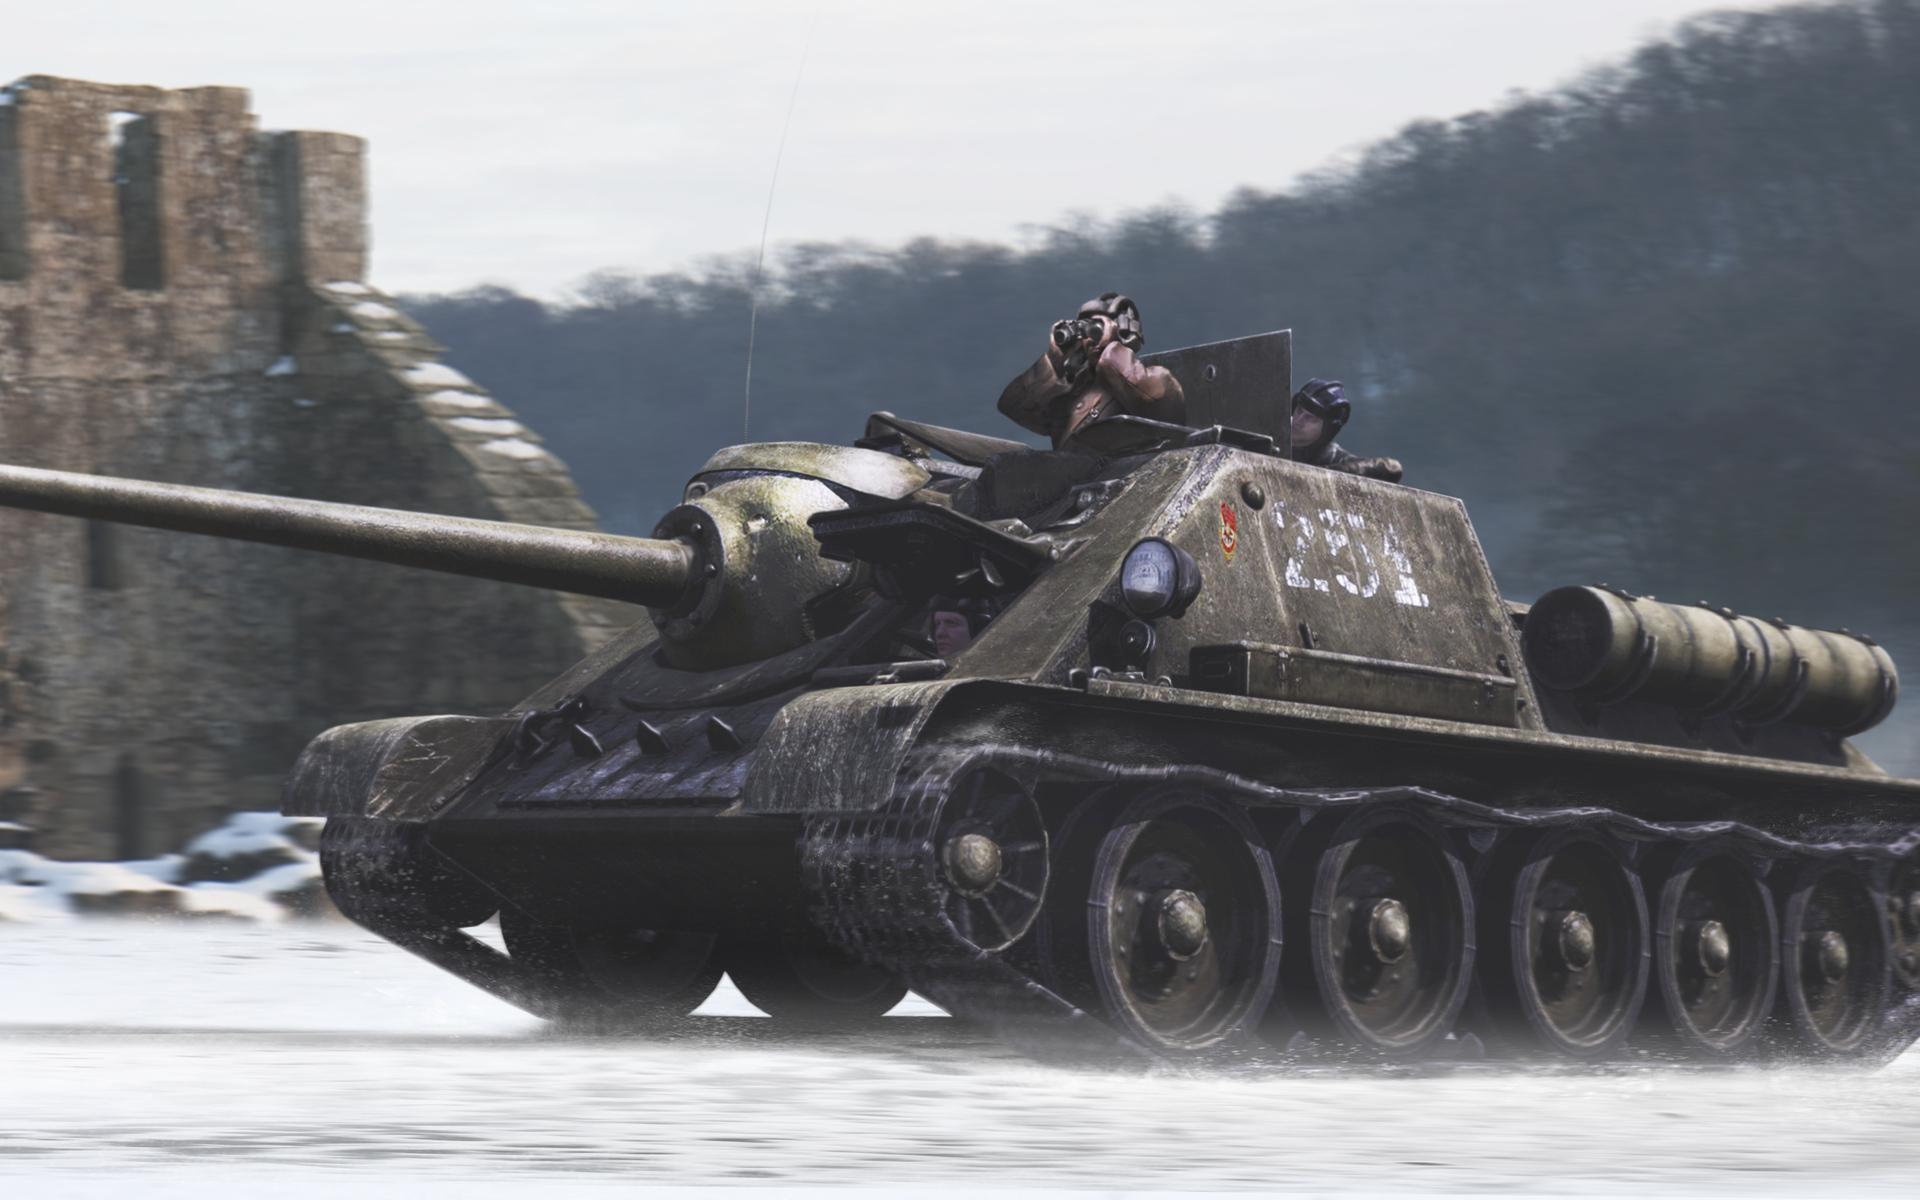 танк, башня, экипаж